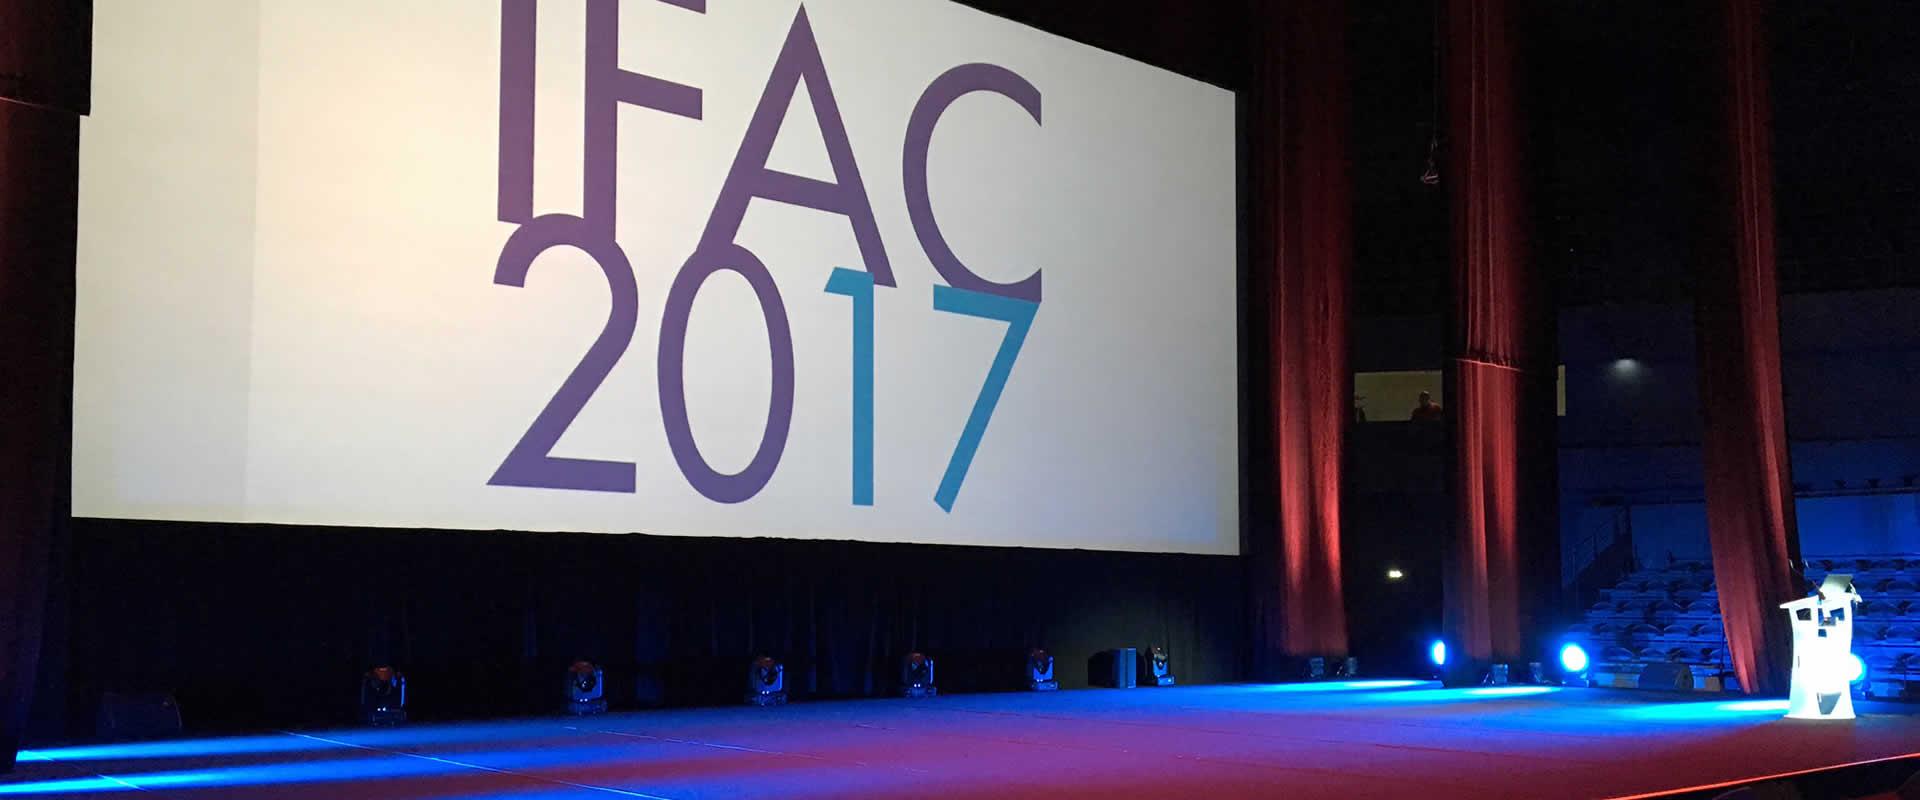 Visuel Novelty Toulouse au 20ème Congrès IFAC 2017